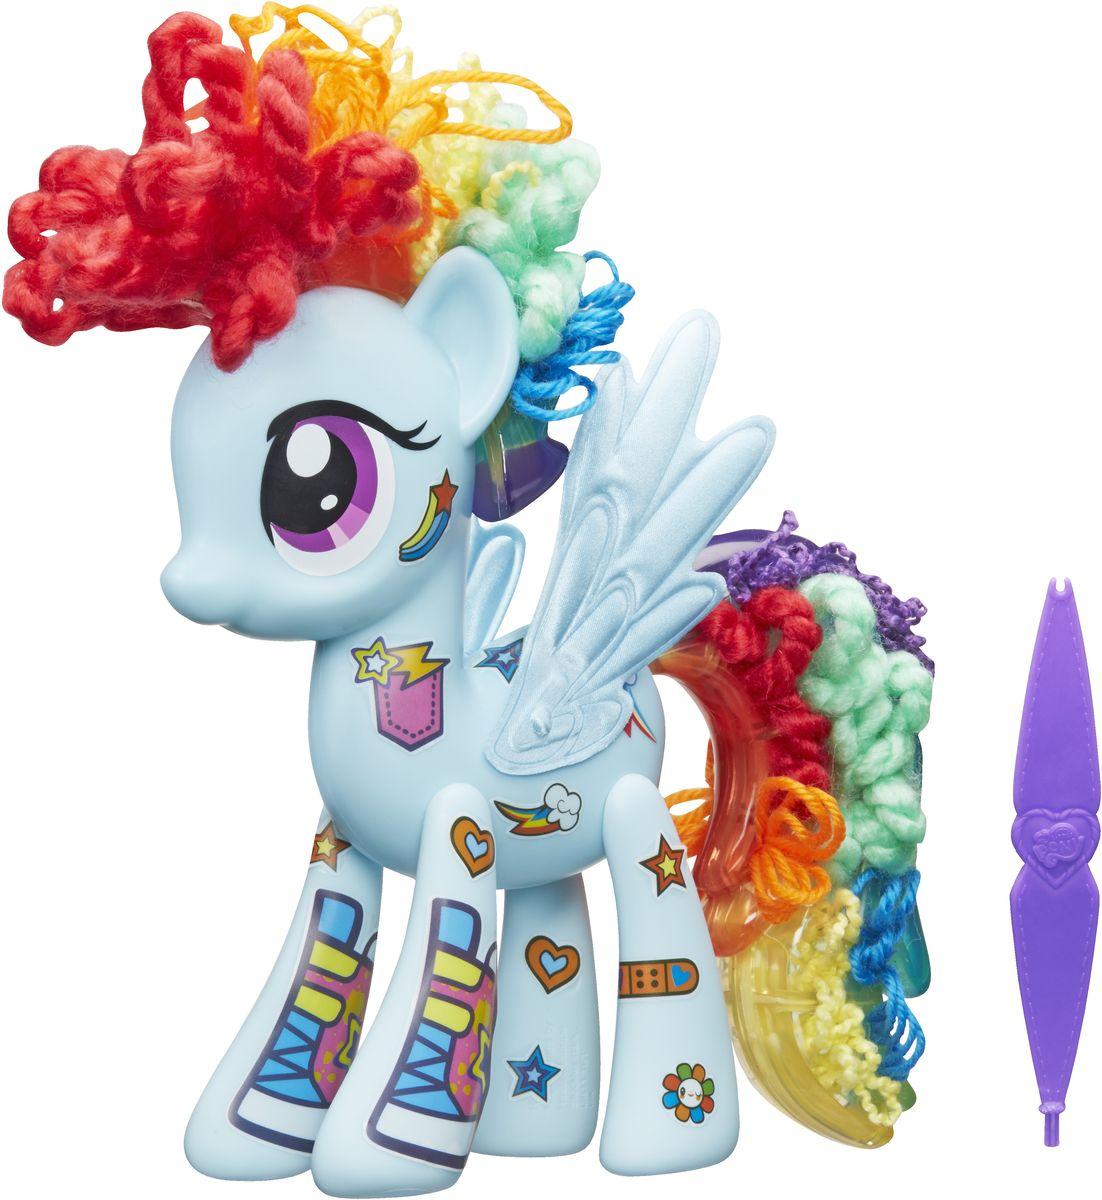 My Little Pony Игровой набор Design-a-Pony Rainbow DashB3593EU4Игровой набор My Little Pony Design-A-Pony. Rainbow Dash привлечет внимание вашей малышки и не позволит ей скучать. Создайте свою неповторимую пони собственными руками! Пофантазируйте над полным образом своей пони! Множество кусочков пряди, специальный инструмент для создания уникального хвоста и гривы, наклейки, крылья - все это ваша малышка найдет в данном наборе. Сделайте свою пони неповторимой, скомбинировав детали от других пони из серии Design-a-Pony. Придумайте своих собственных героев, используя различные варианты представленных деталей! Набор выполнен из качественных безопасных материалов. Ваша малышка будет увлеченно играть с набором, придумывая различные истории. Порадуйте ее таким замечательным подарком!